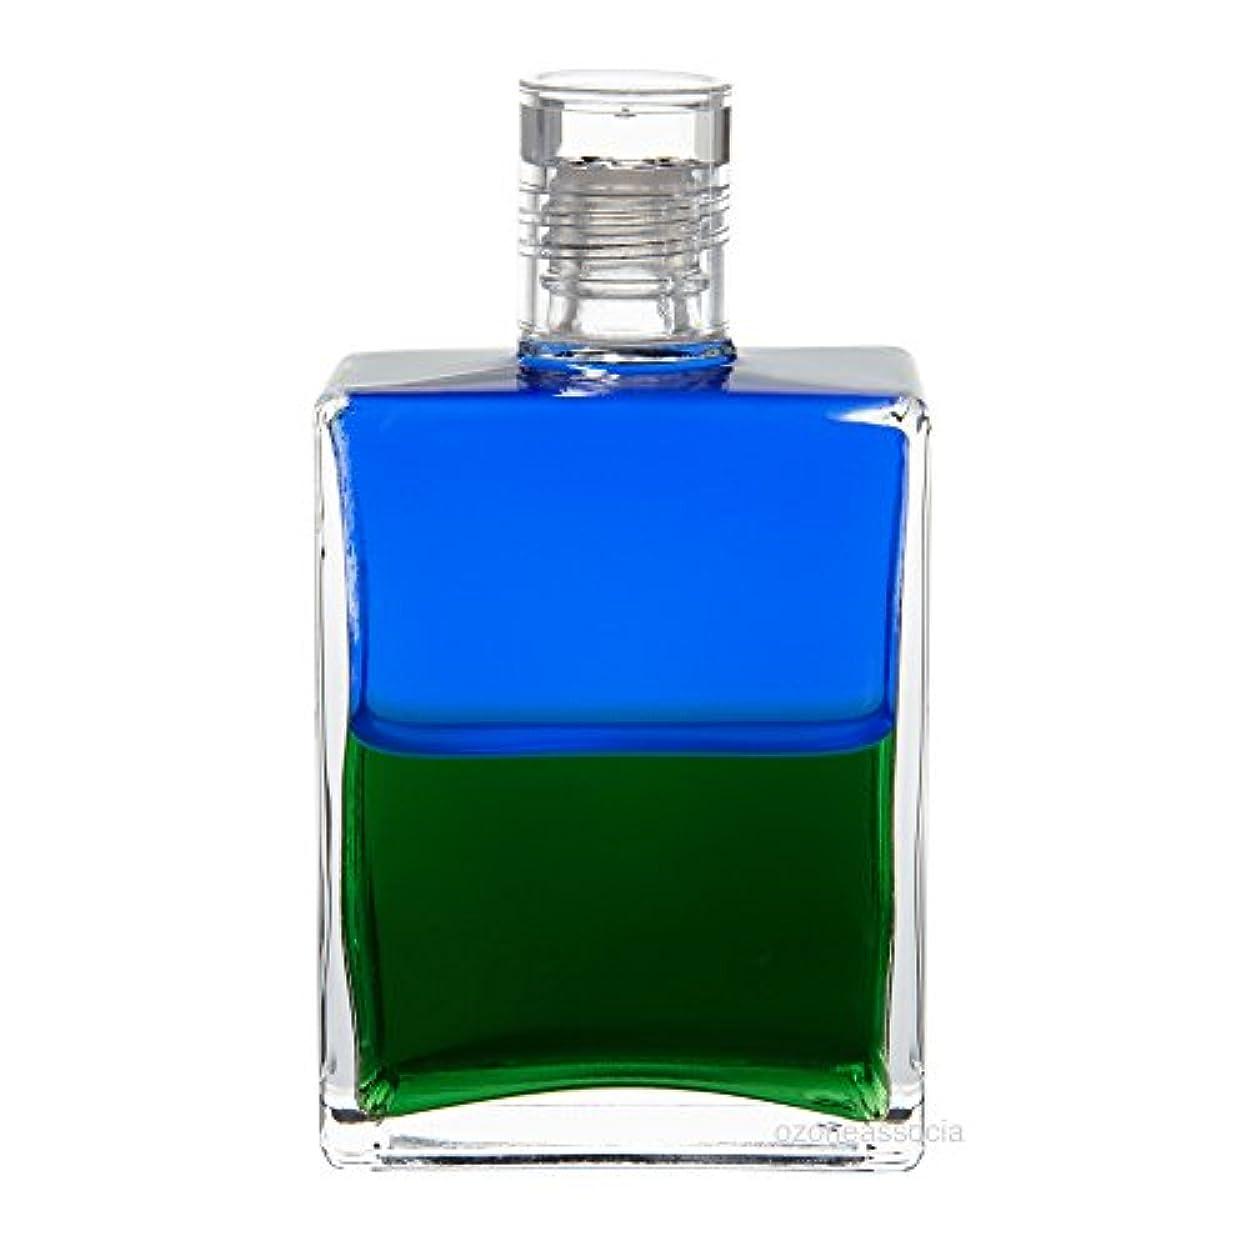 野菜カテゴリー帆オーラソーマ ボトル 3番 ハートイクイリブリアムボトル/アトランティアンイクイリブリアムボトル (ブルー/グリーン) イクイリブリアムボトル50ml